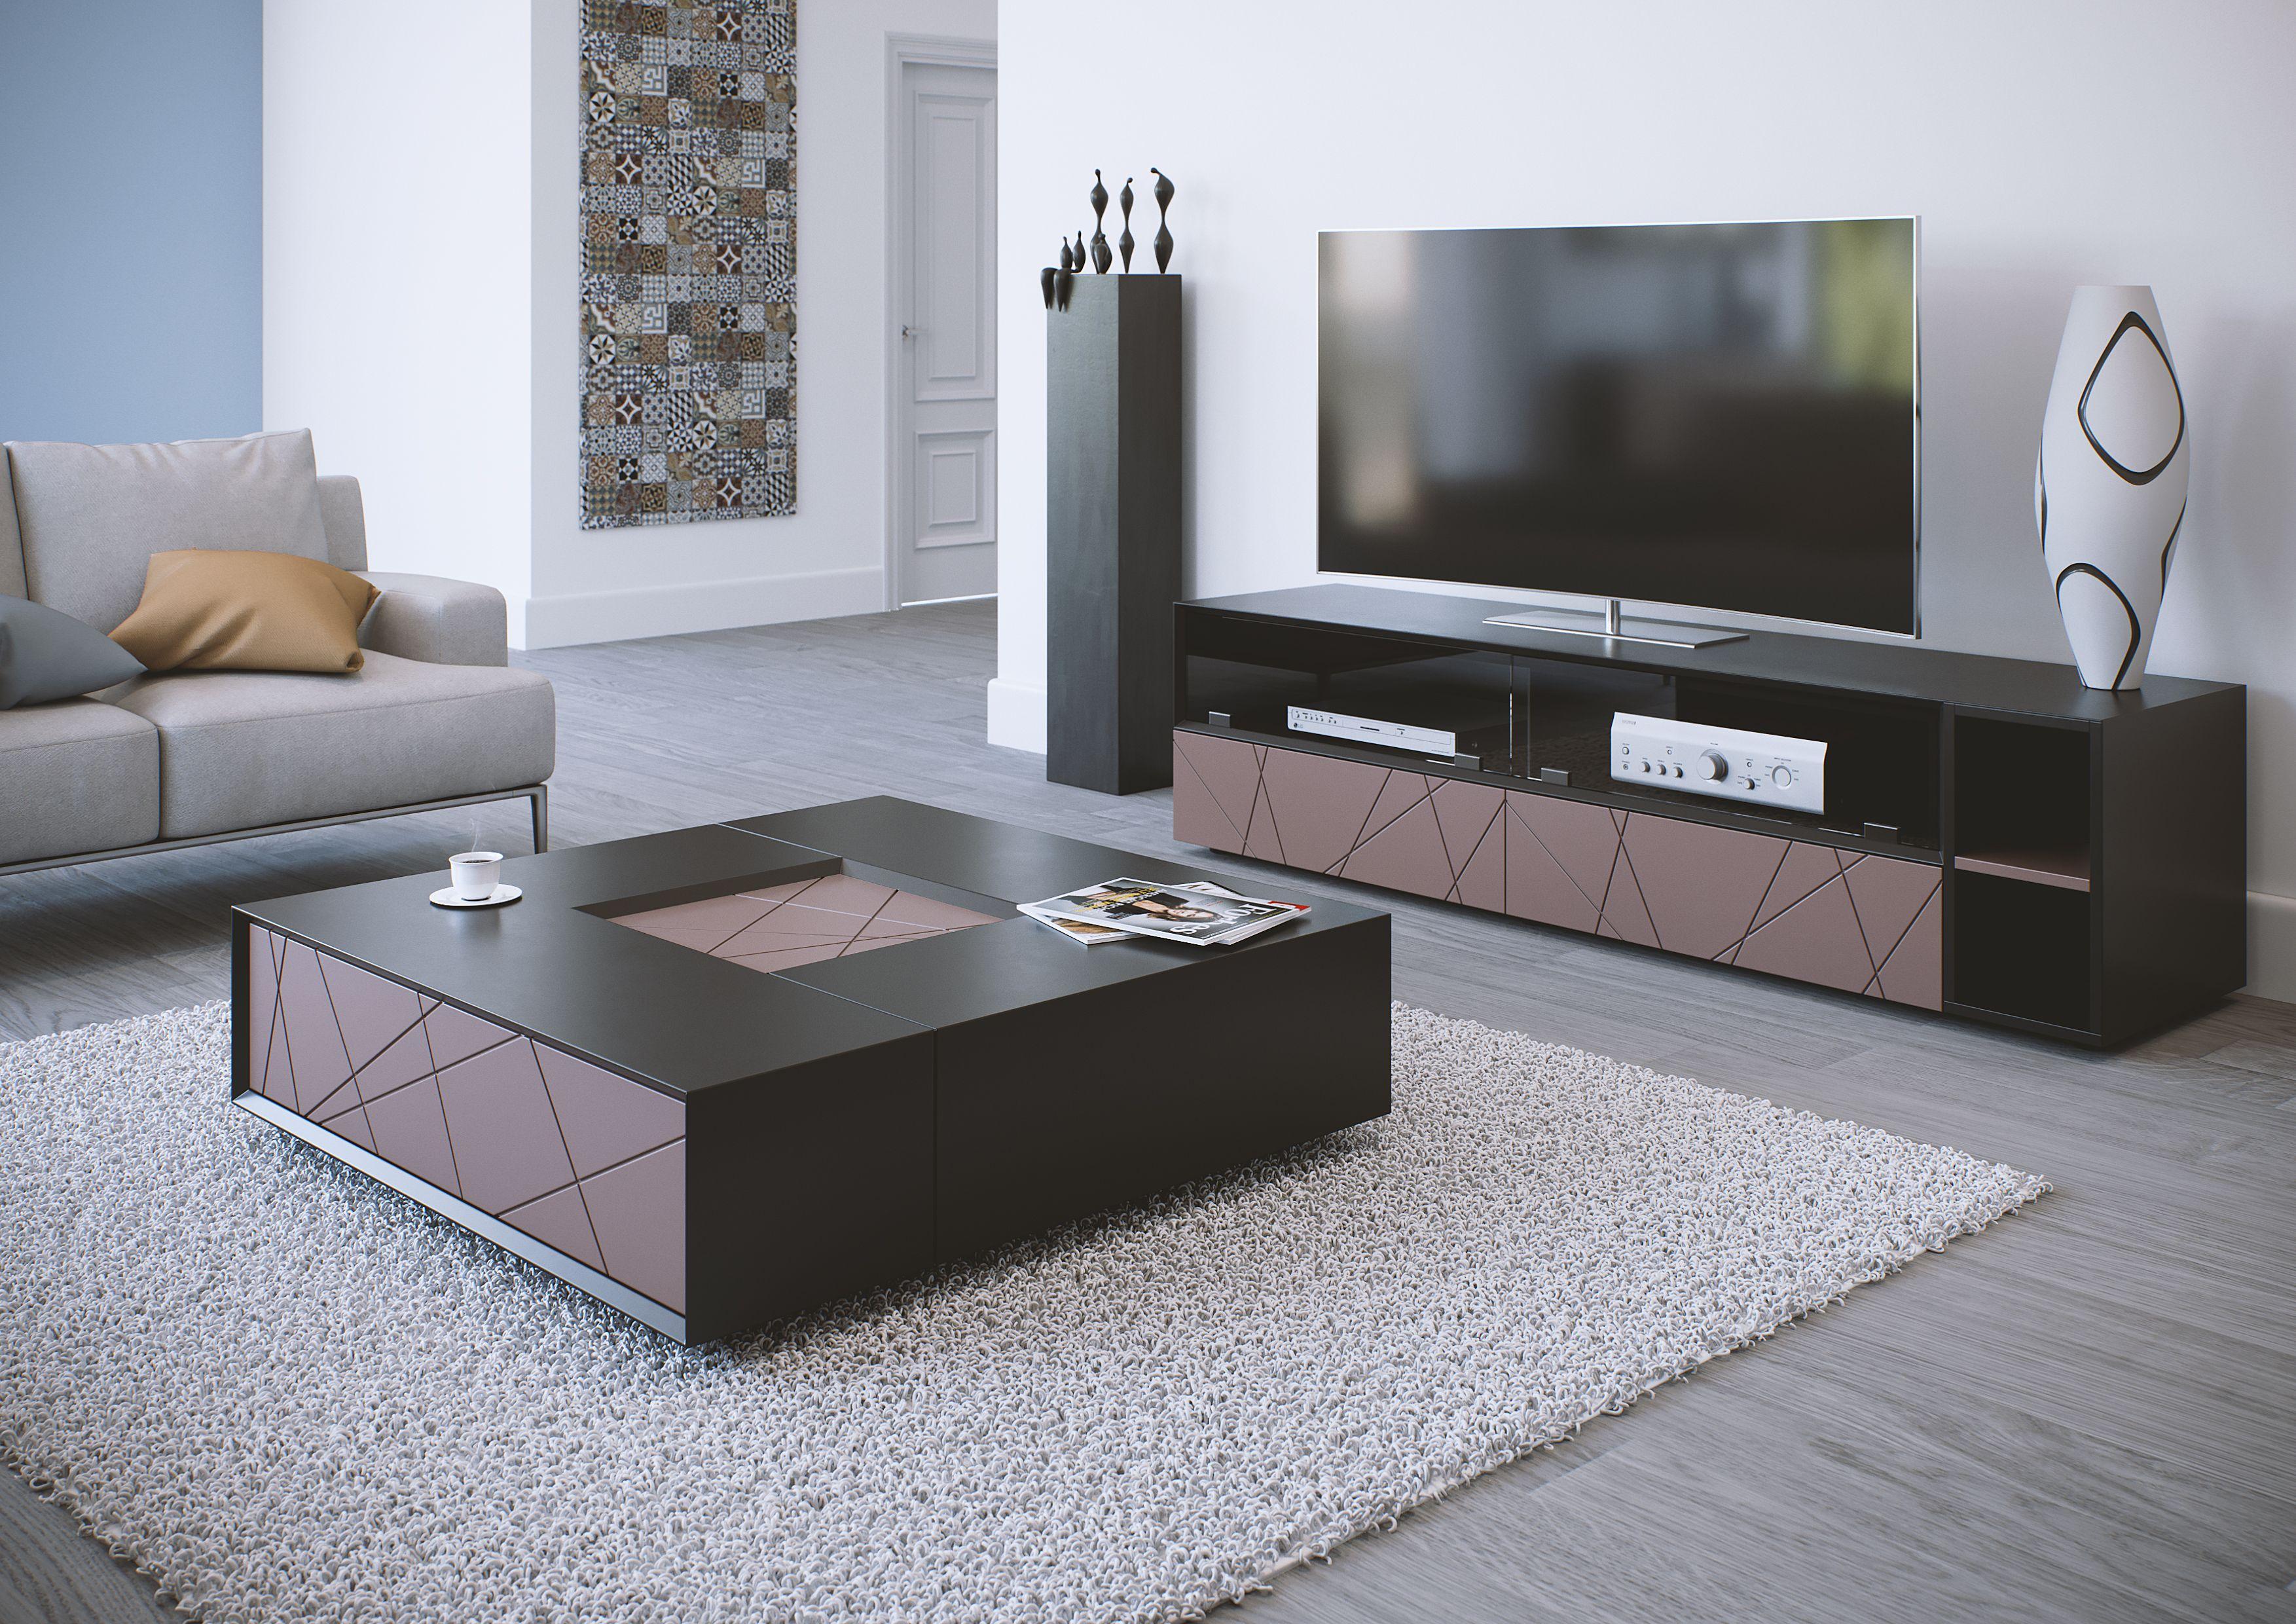 Table Basse Et Meuble Tv Stockholm Finition Laqu E Noir Et Taupe  # Meuble Tv Plus Table Basse